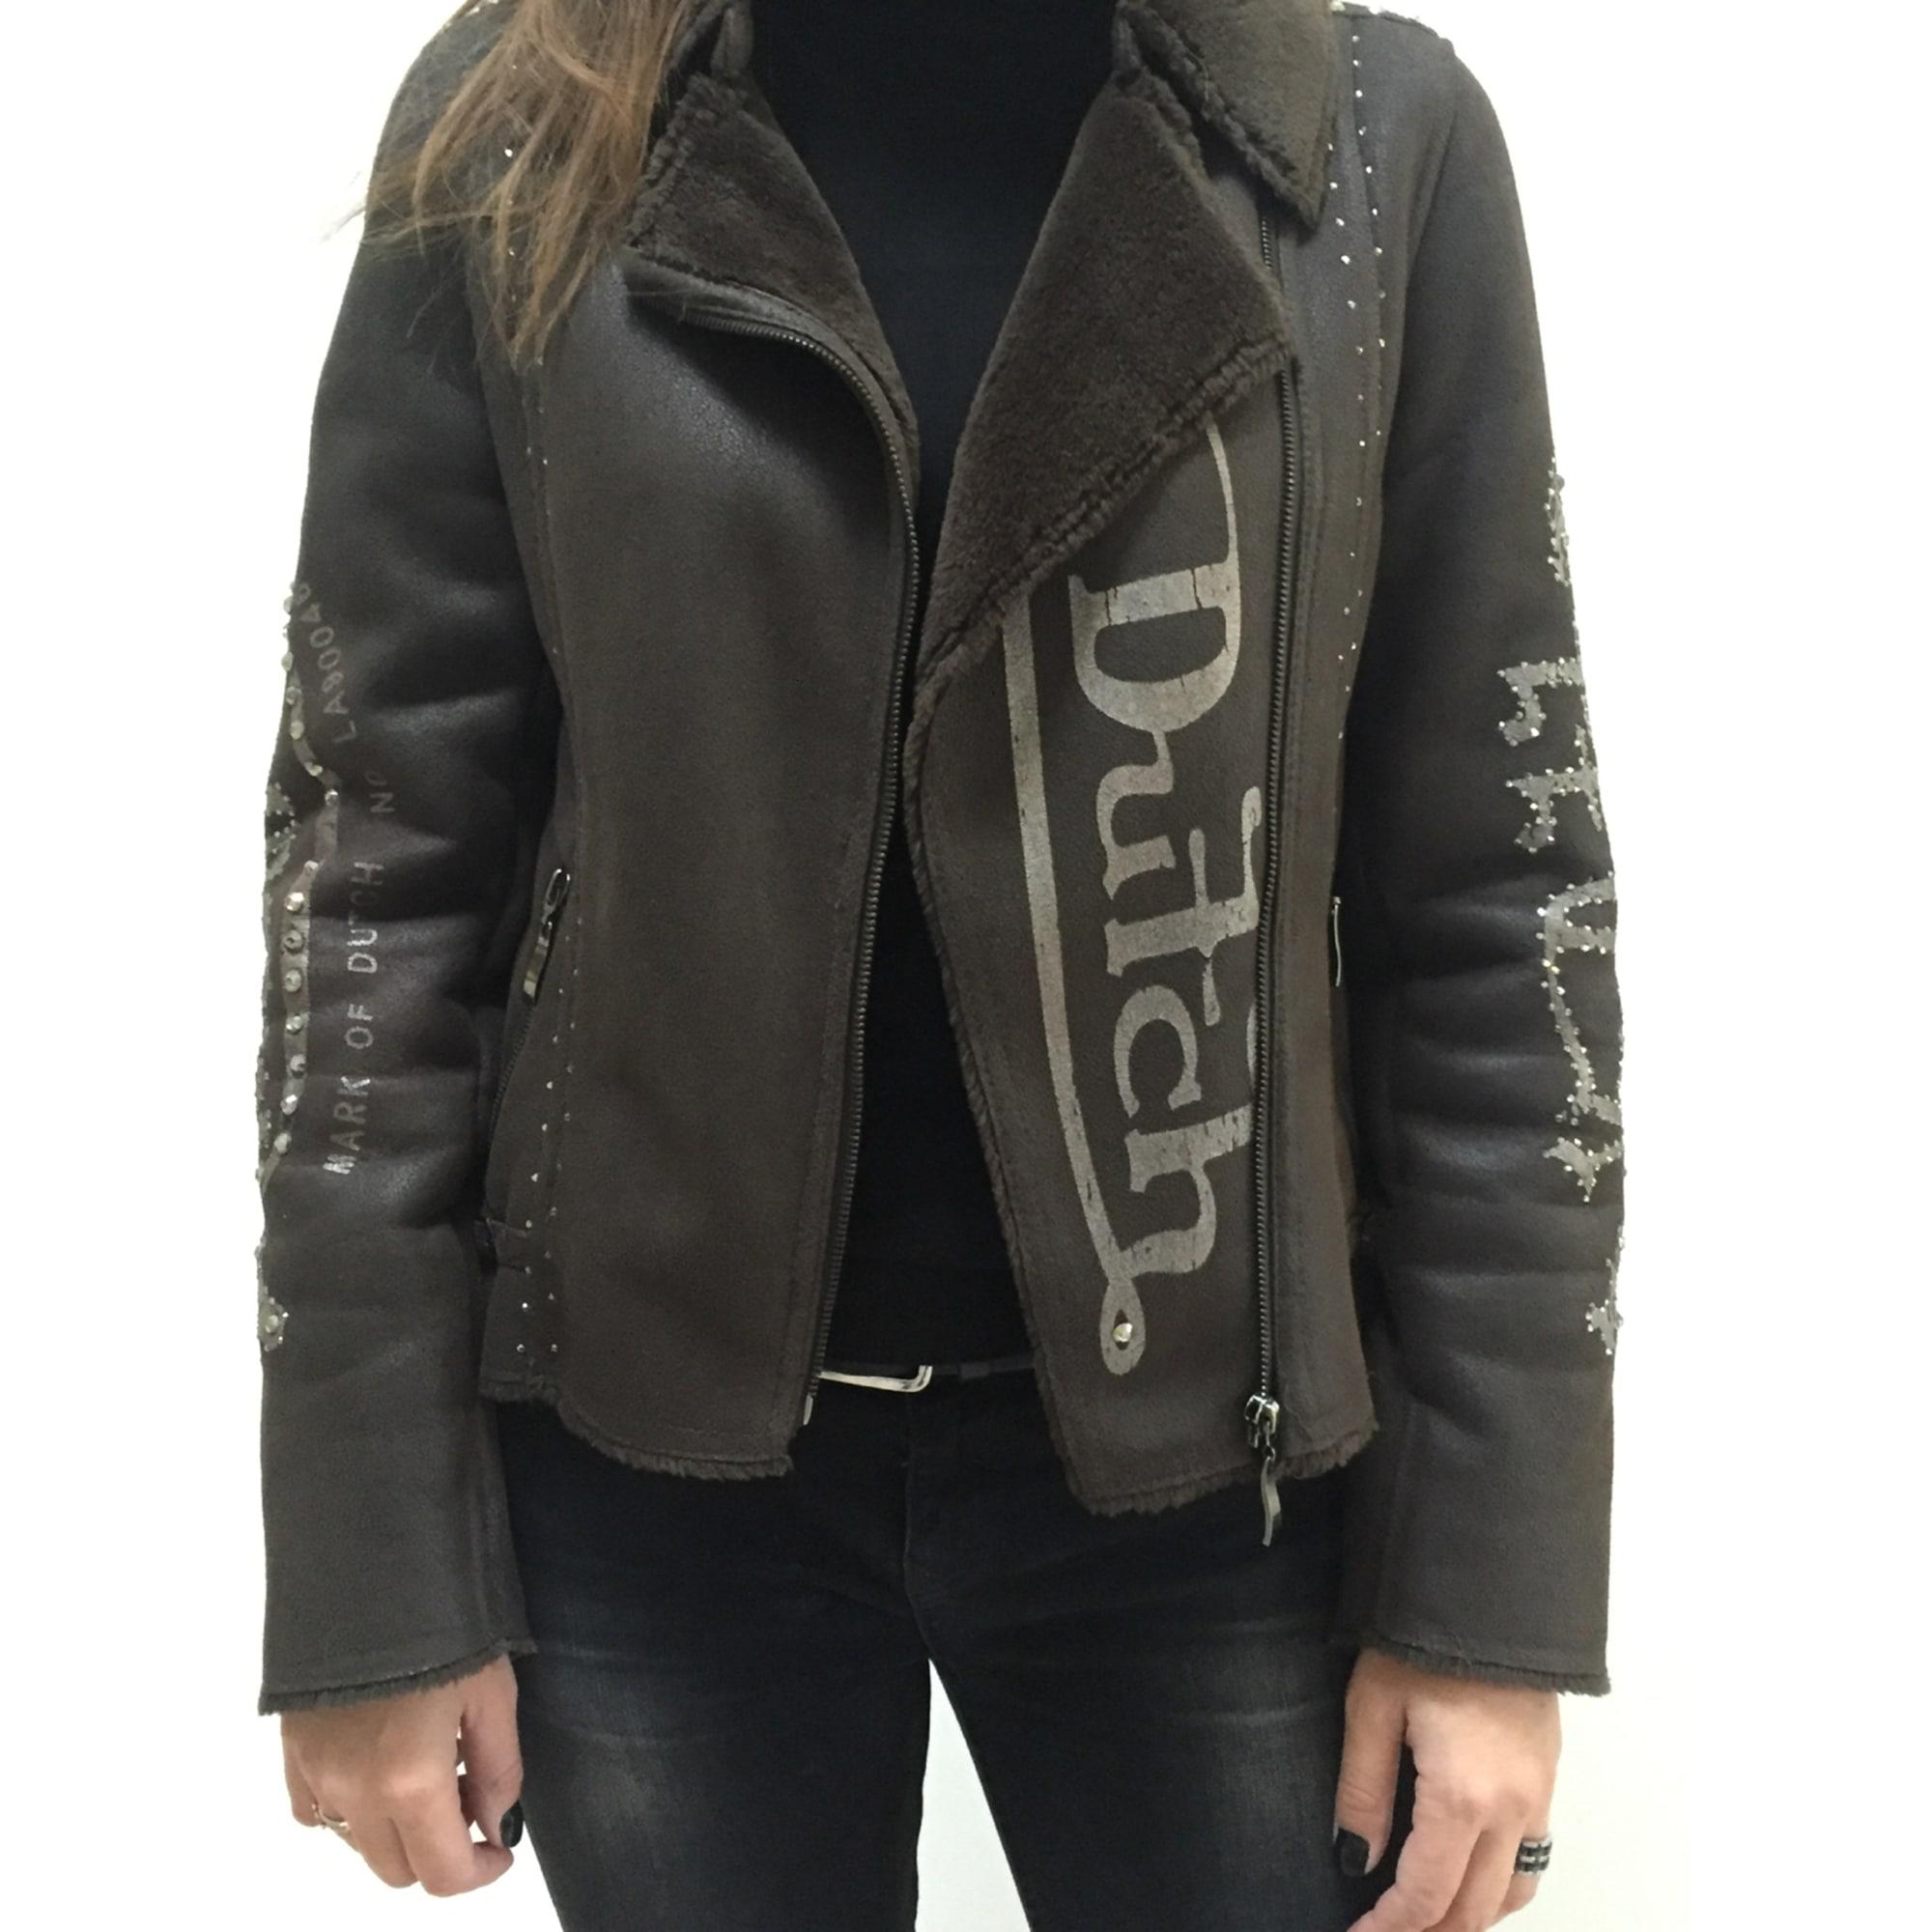 designer fashion 441a9 21050 Giubbotto VON DUTCH